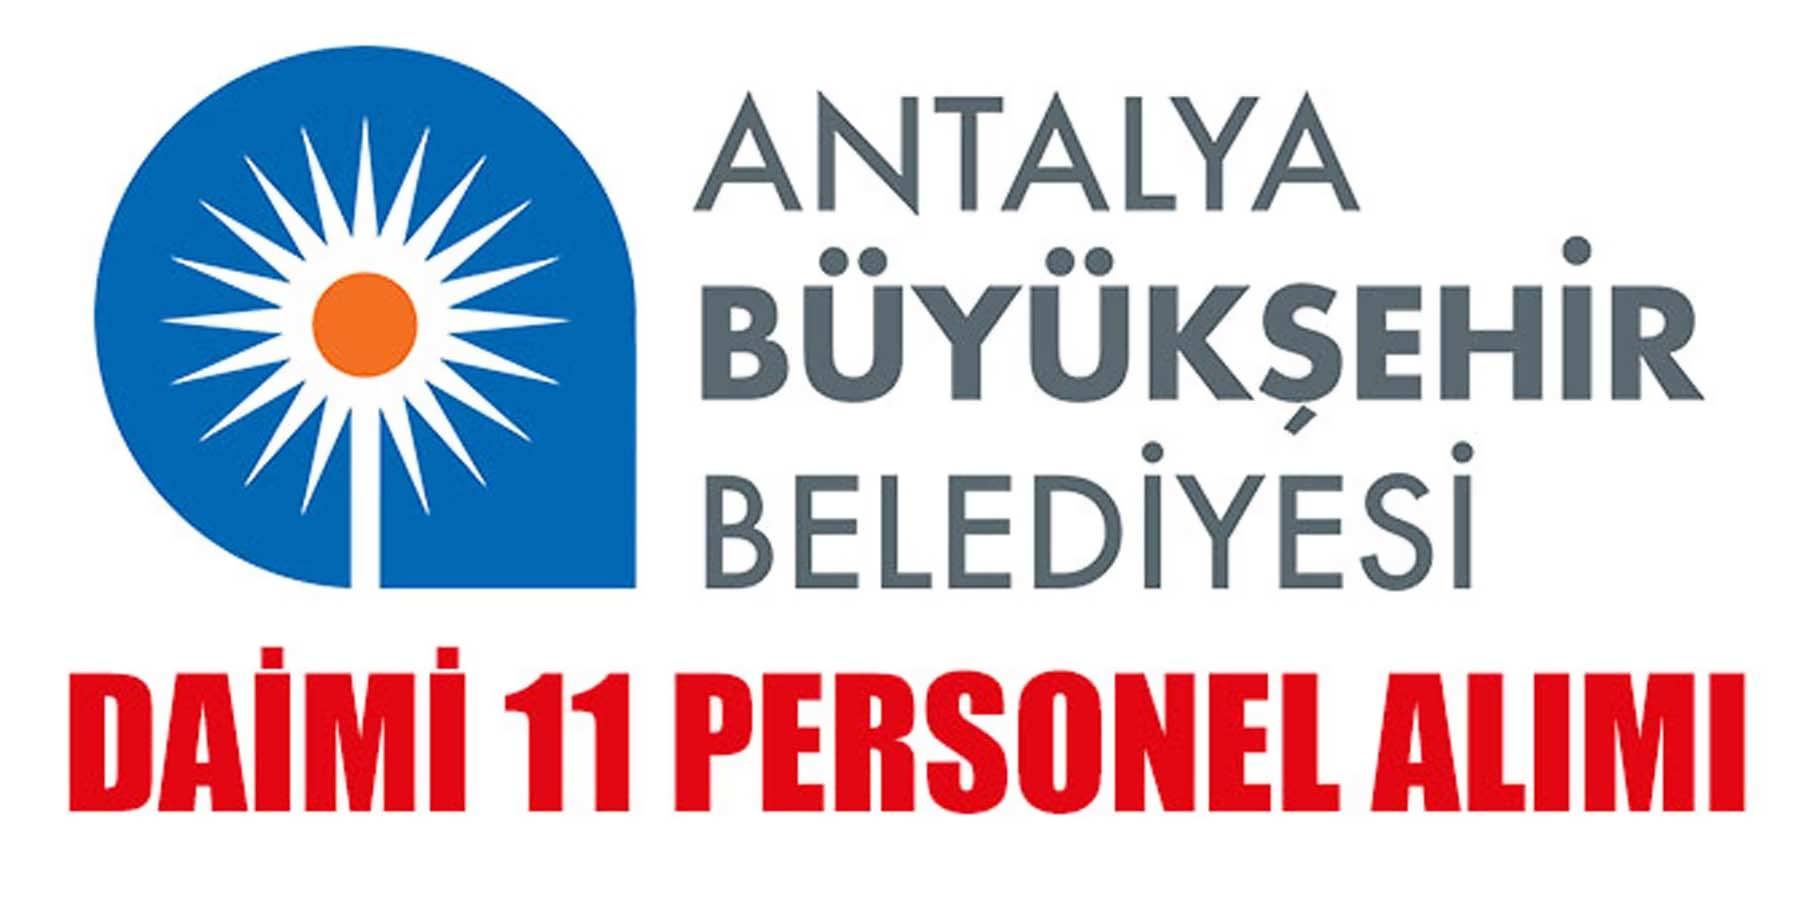 Antalya Büyükşehir Belediyesi 11 Daimi Personel alımı